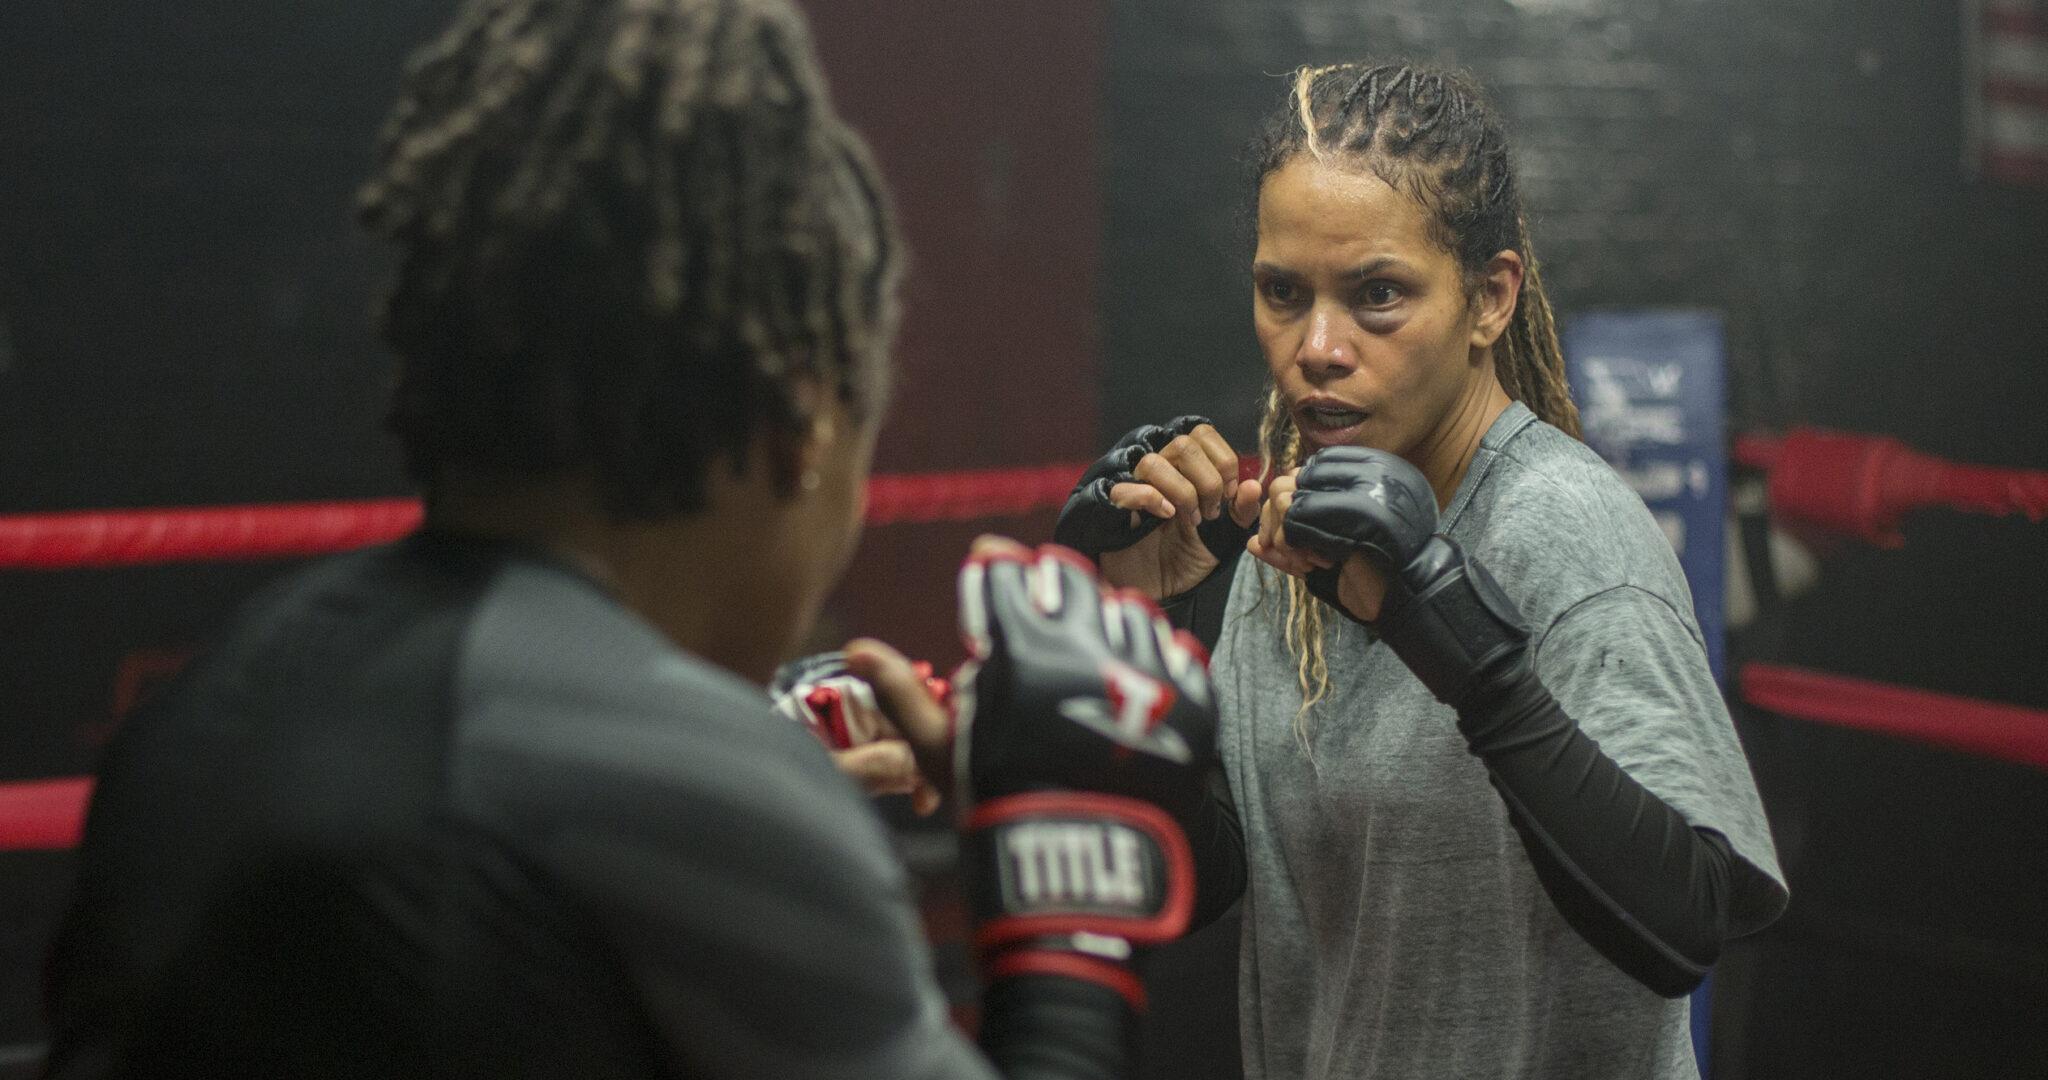 Halle Berry im Boxring mit Abwehrhaltung gegenüber einer weiteren Person, die man nur von hinten sieht.